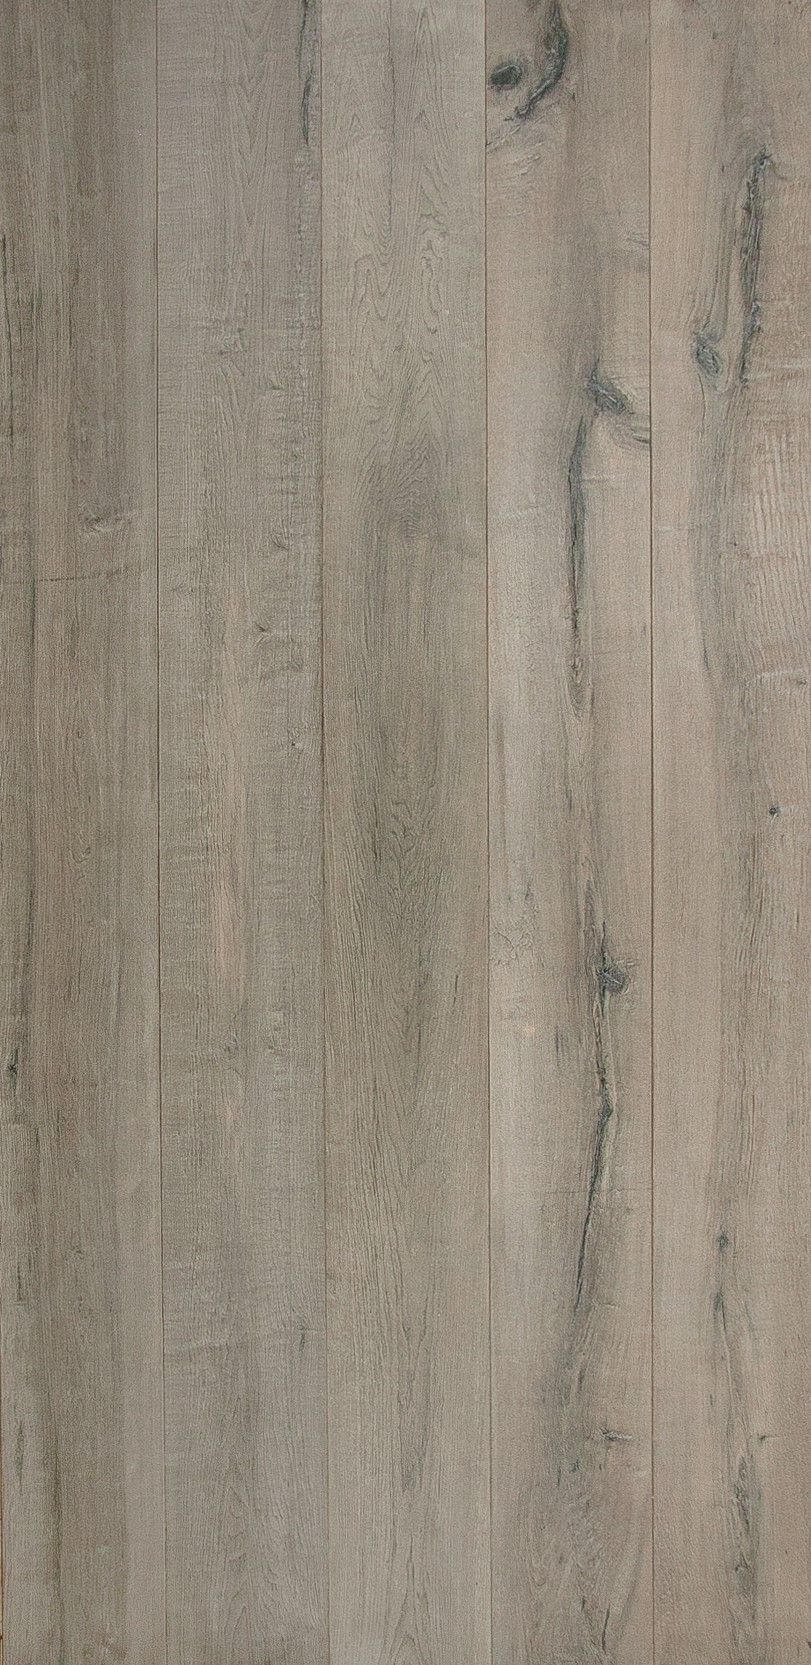 Carreaux De Ciment Parquet Bois kährs | wood flooring | parquet | interior | design | www